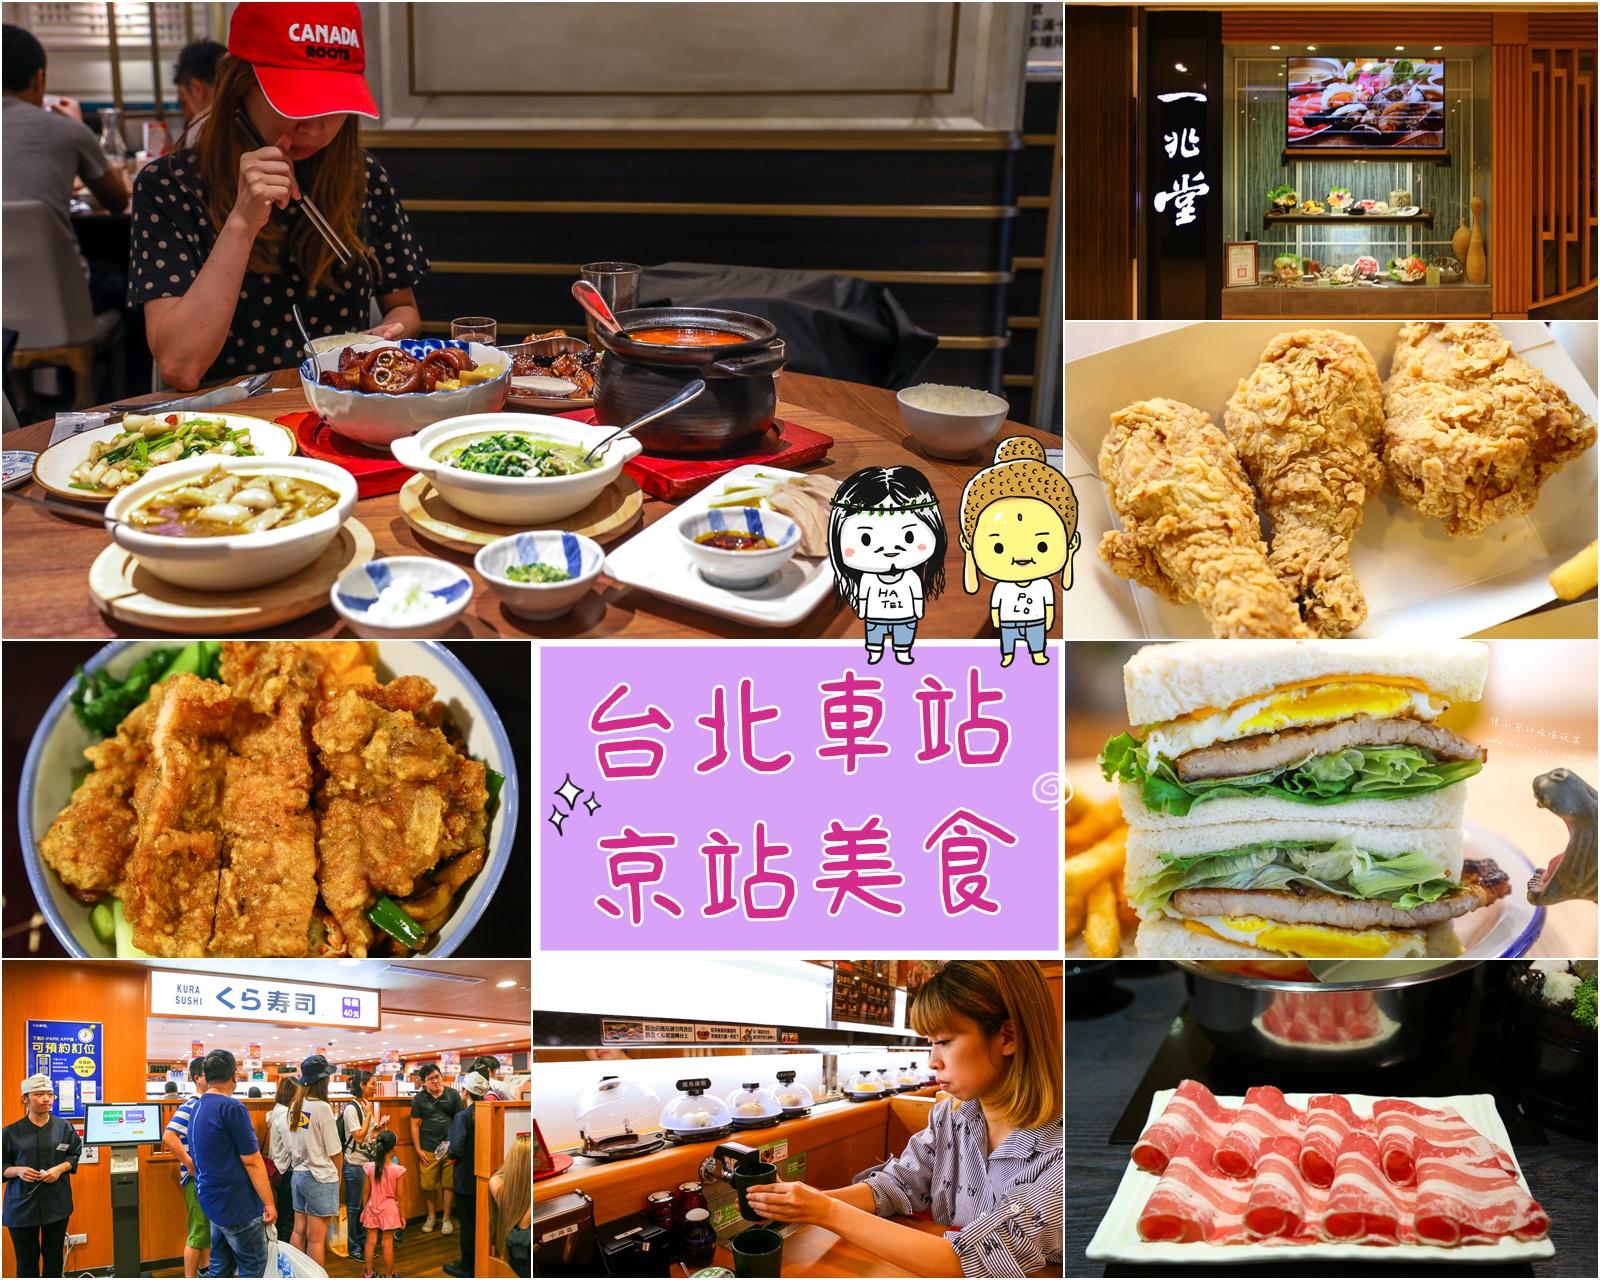 台北車站美食 京站美食 台北餐廳 台北美食 京站餐廳推薦